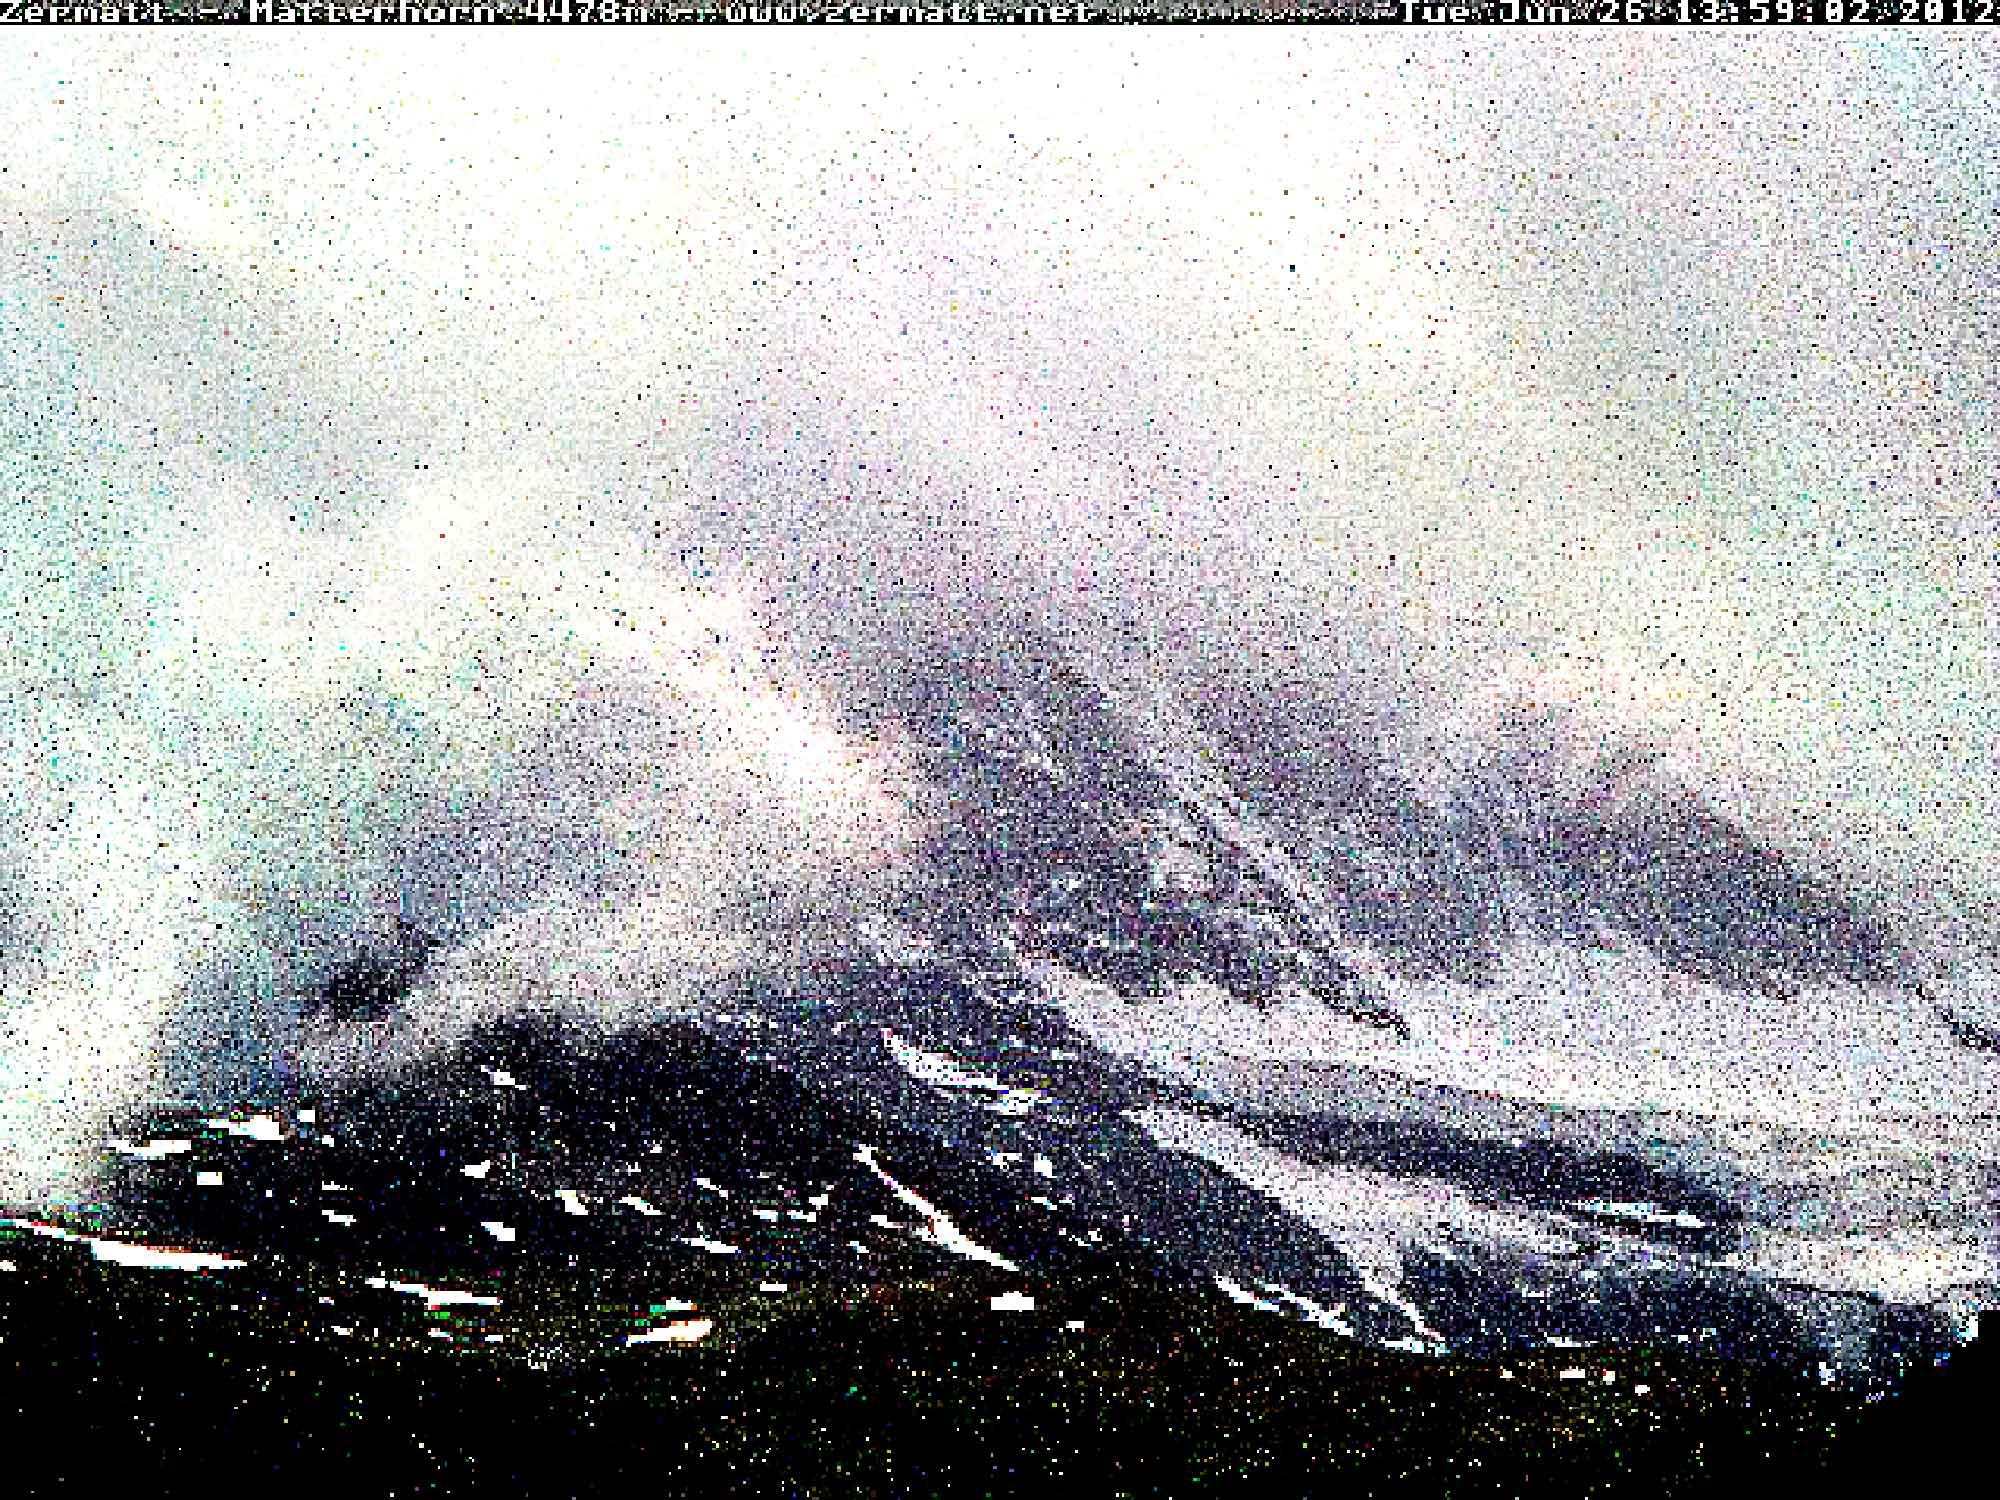 #0893 Matterhorn 2012 06 26  #0893 Matterhorn 2012 06 26